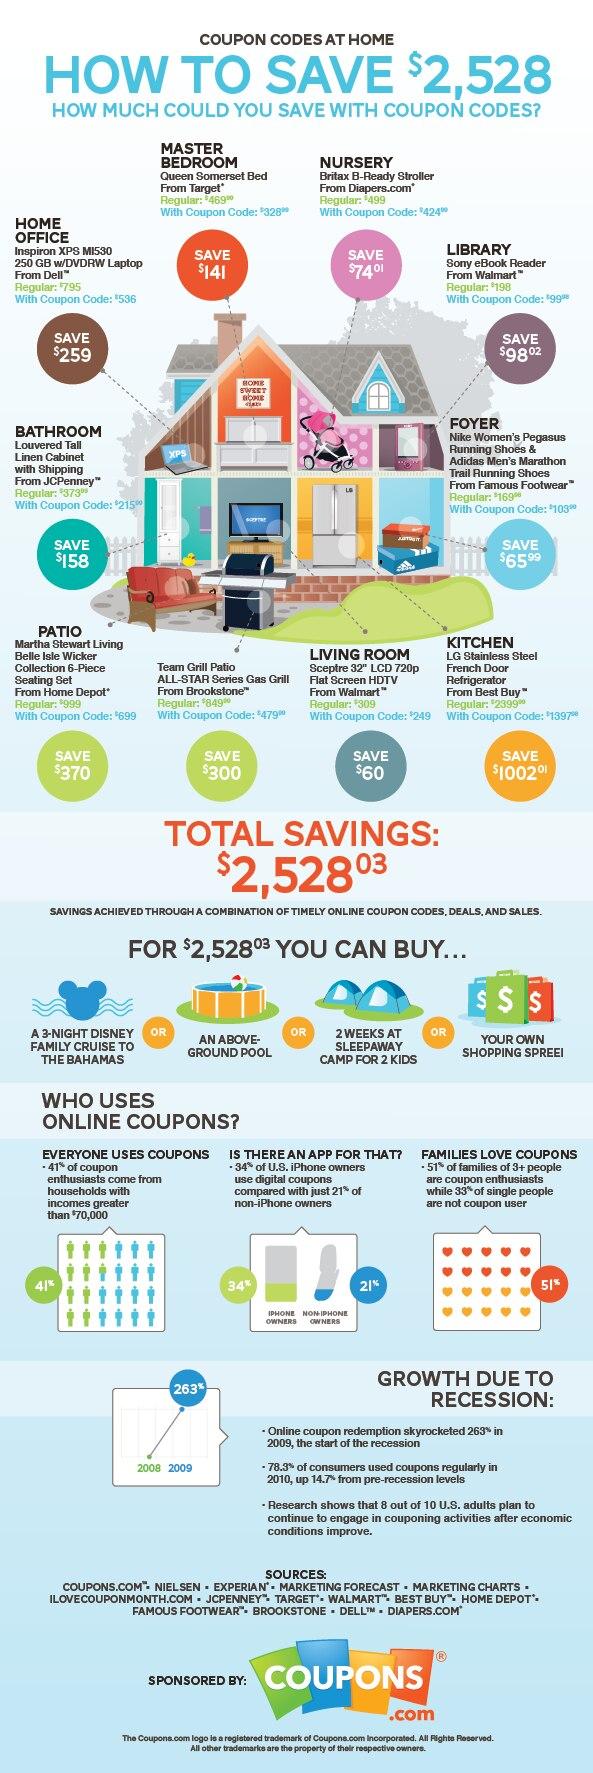 At home coupon code